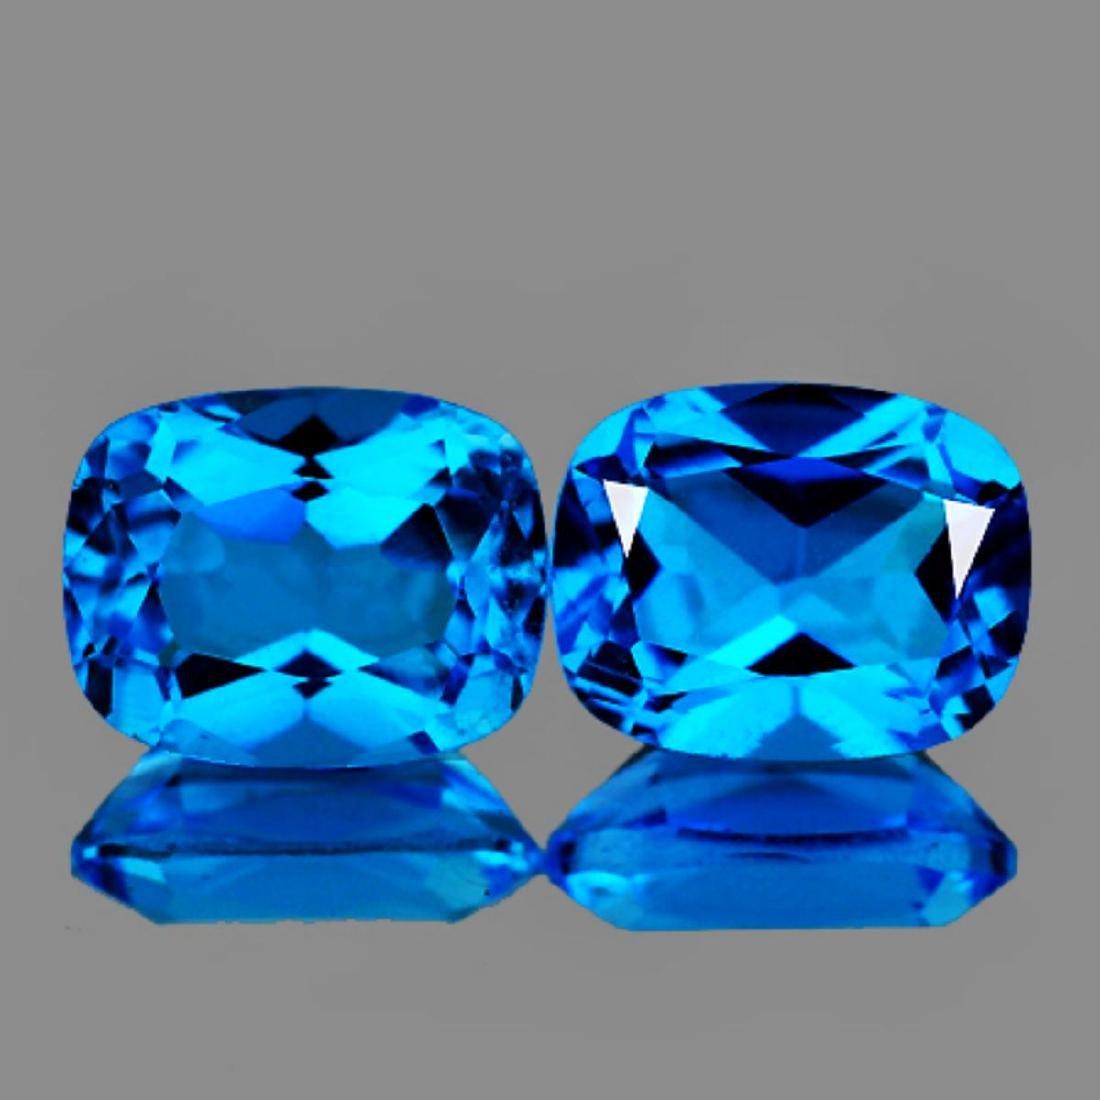 Natural Swiss Blue Topaz Pair 8 x 6 MM - FL